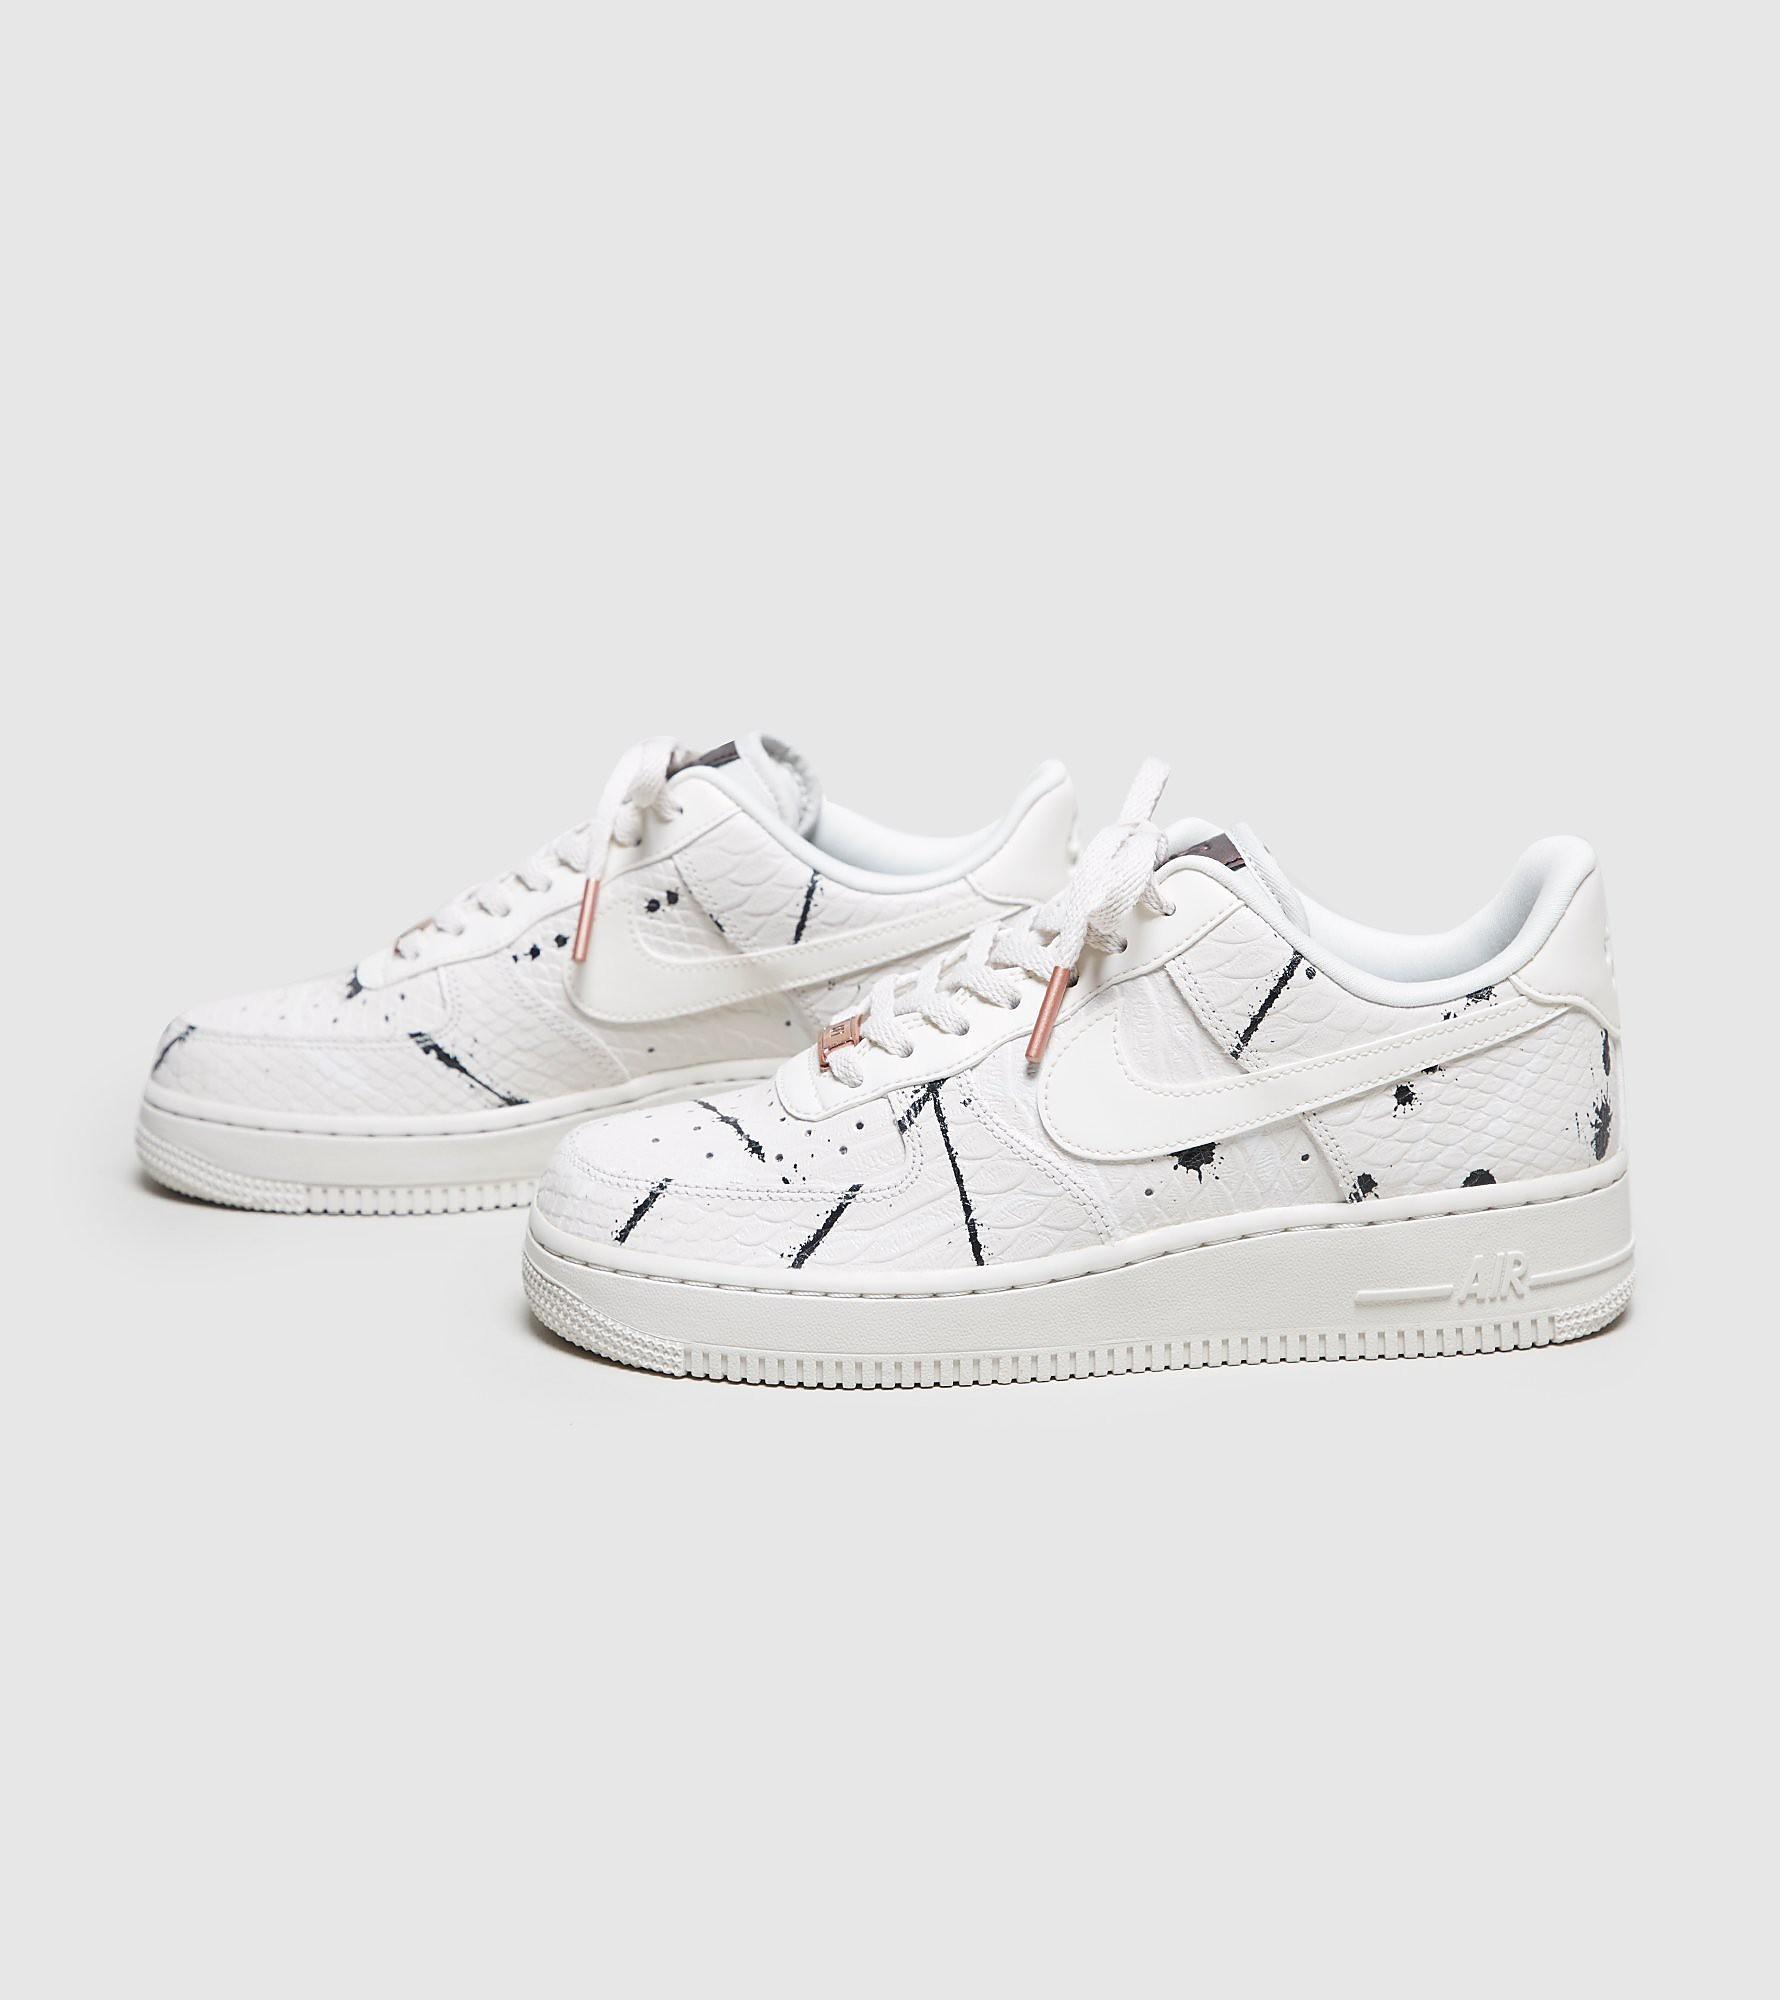 Nike Air Force 1 LX Women's